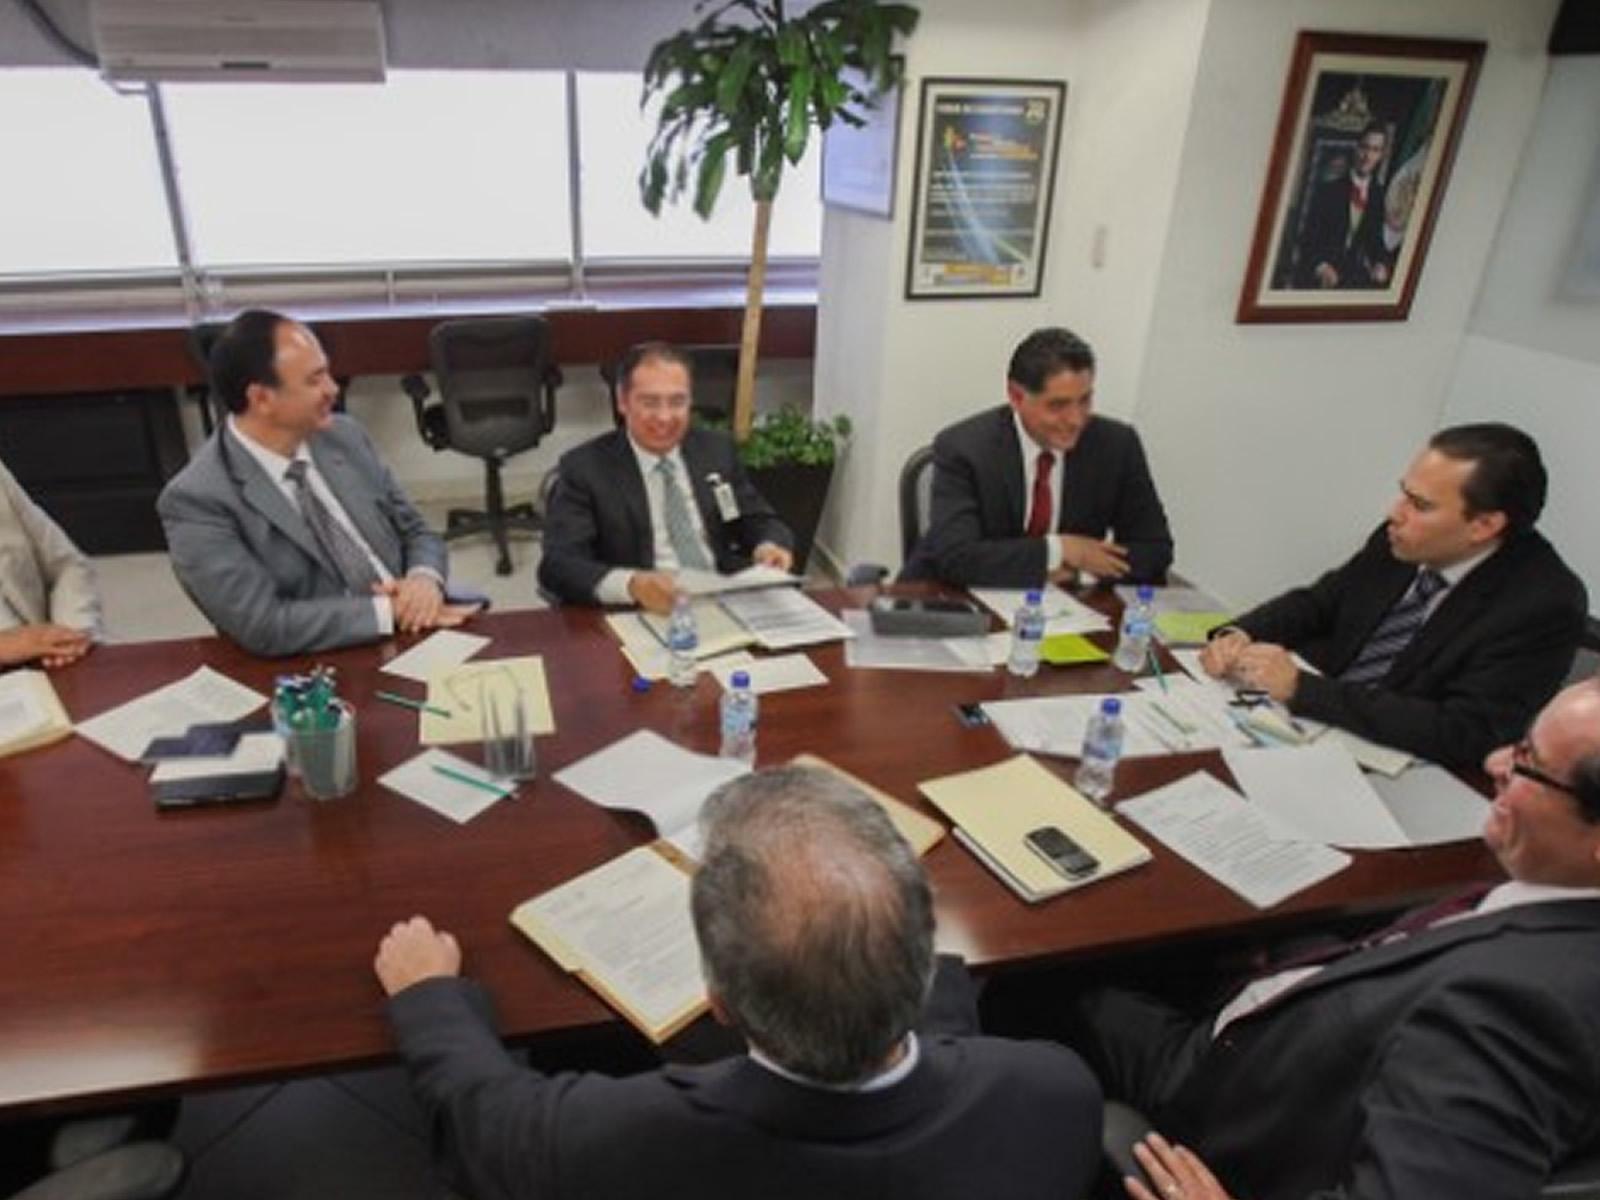 La SAGARPA y el Gobierno de Durango acordaron fortalecer los esquemas de comercialización de frijol en la entidad para proteger el ingreso de los productores e impulsar la productividad de este cultivo.